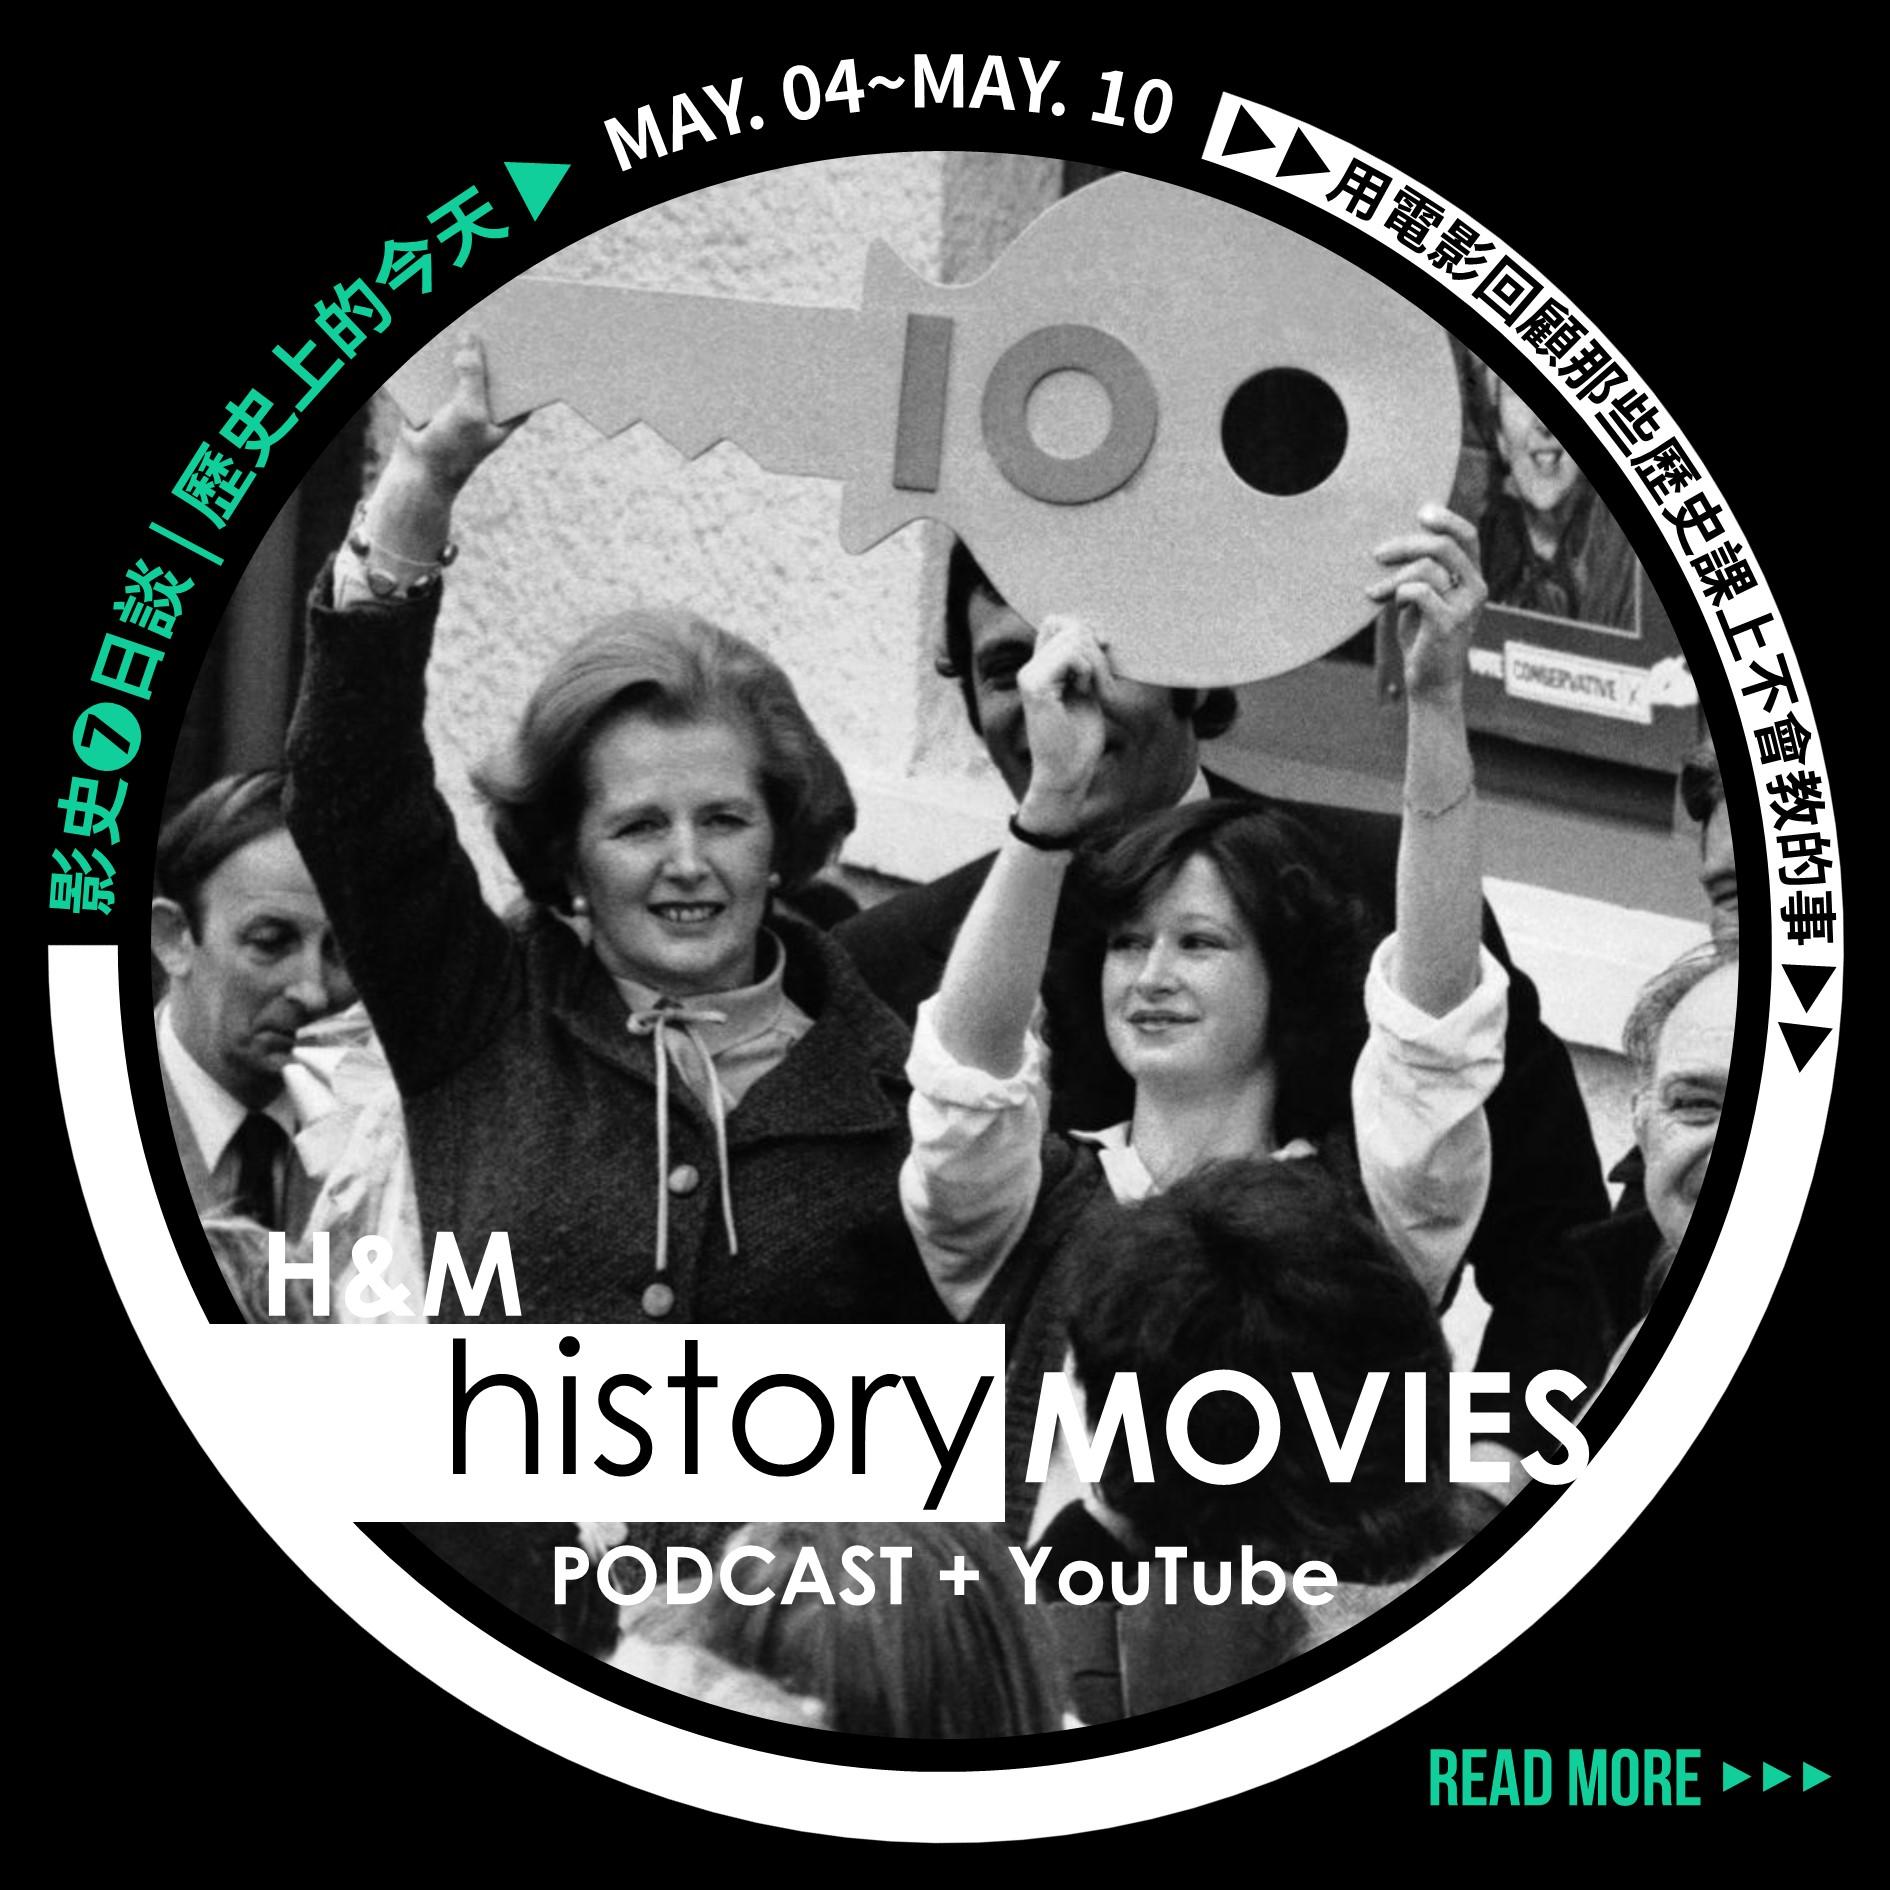 【影史7日談】EP. 8 用電影回顧那些歷史課不會教的事 - 5/04~5/10 | 鐵娘子上任、甘地獲釋、香港六七暴動、珊瑚海海戰、奧爾良之圍、二戰歐洲終戰、邱吉爾上任 | XXY + 金老ㄕ